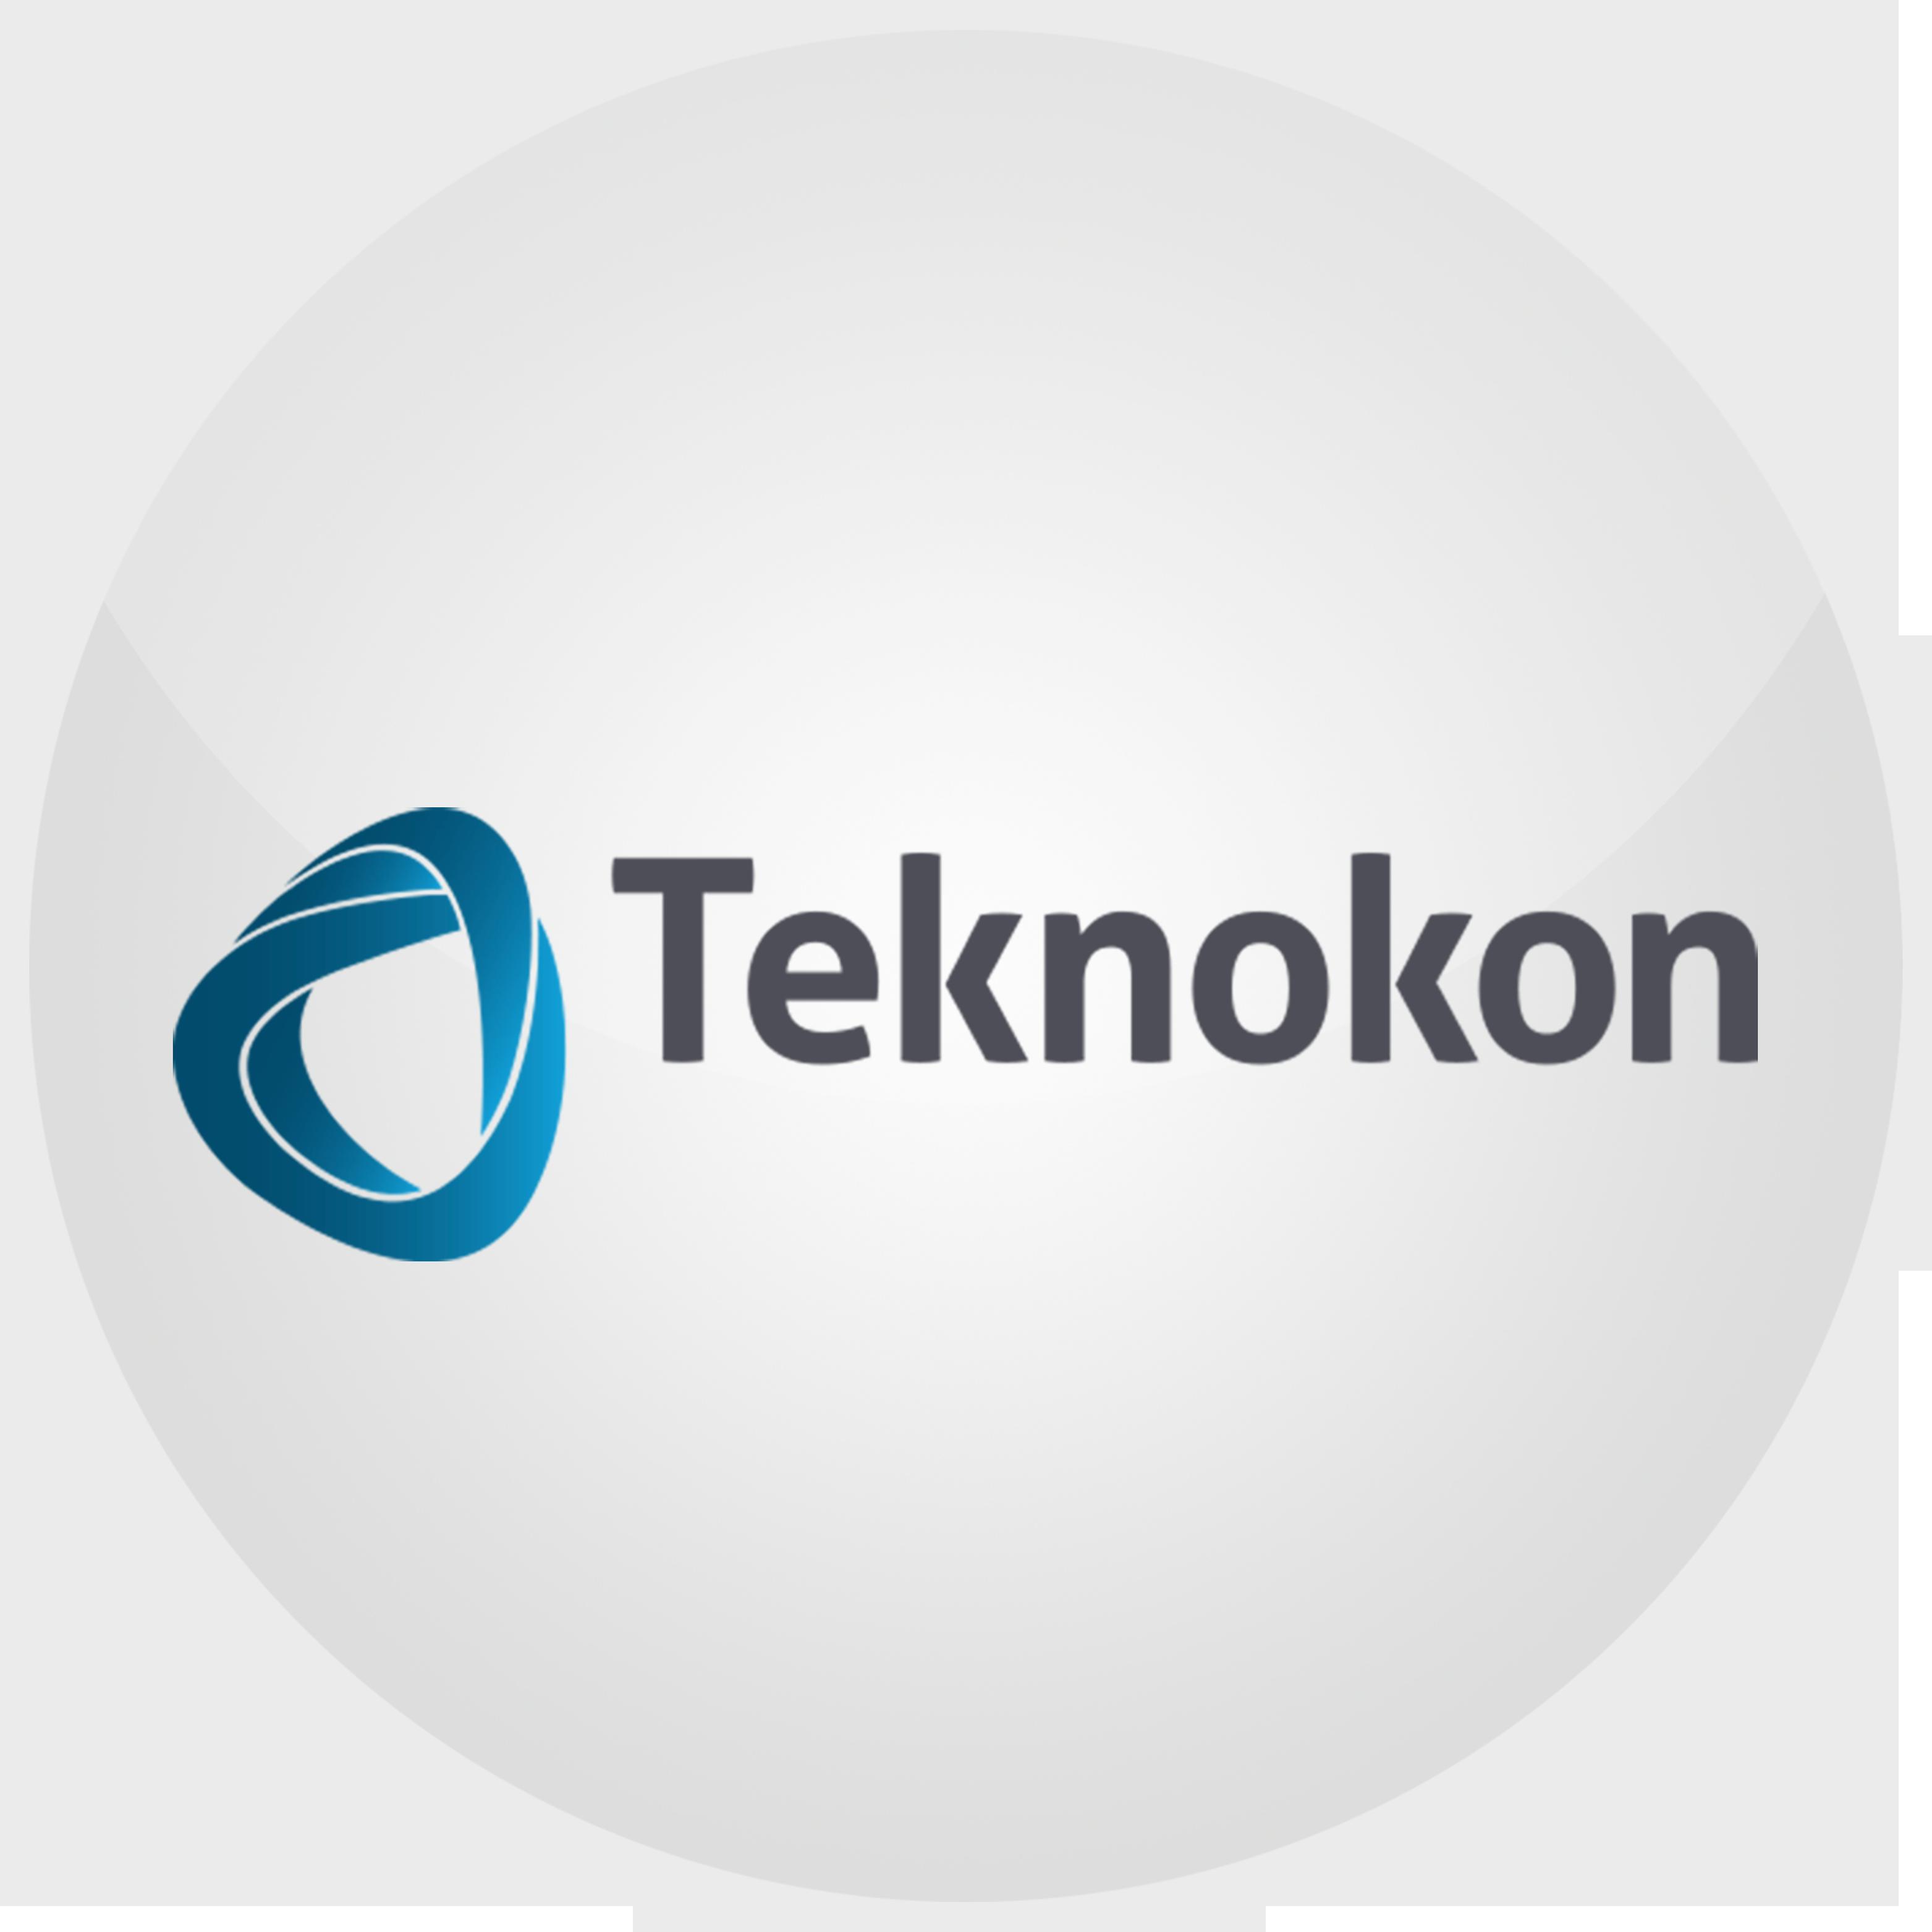 TEKNOKON